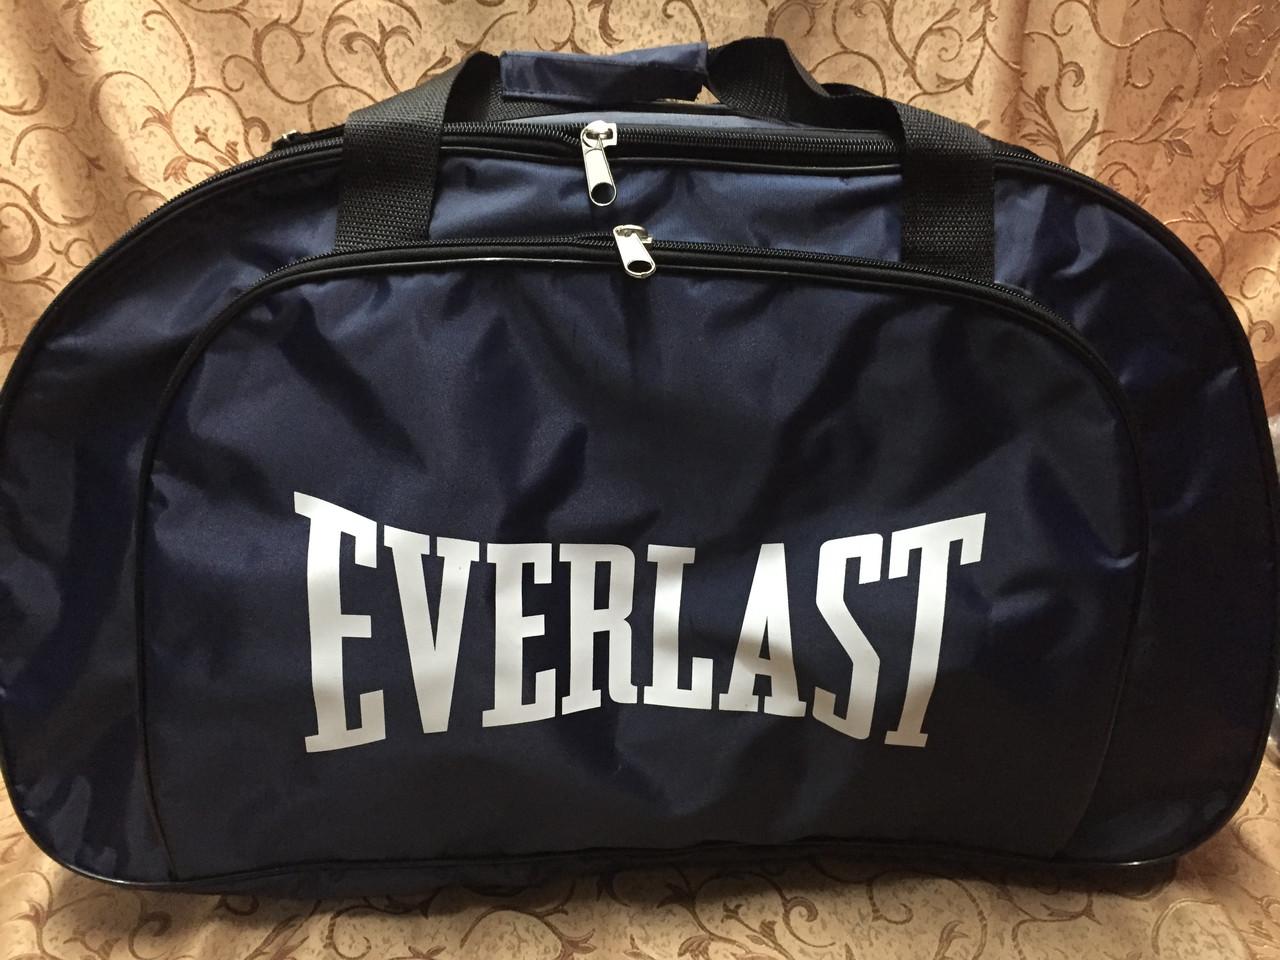 Спортивная дорожная сумка everlast/Дорожная сумка/Спортивная сумка